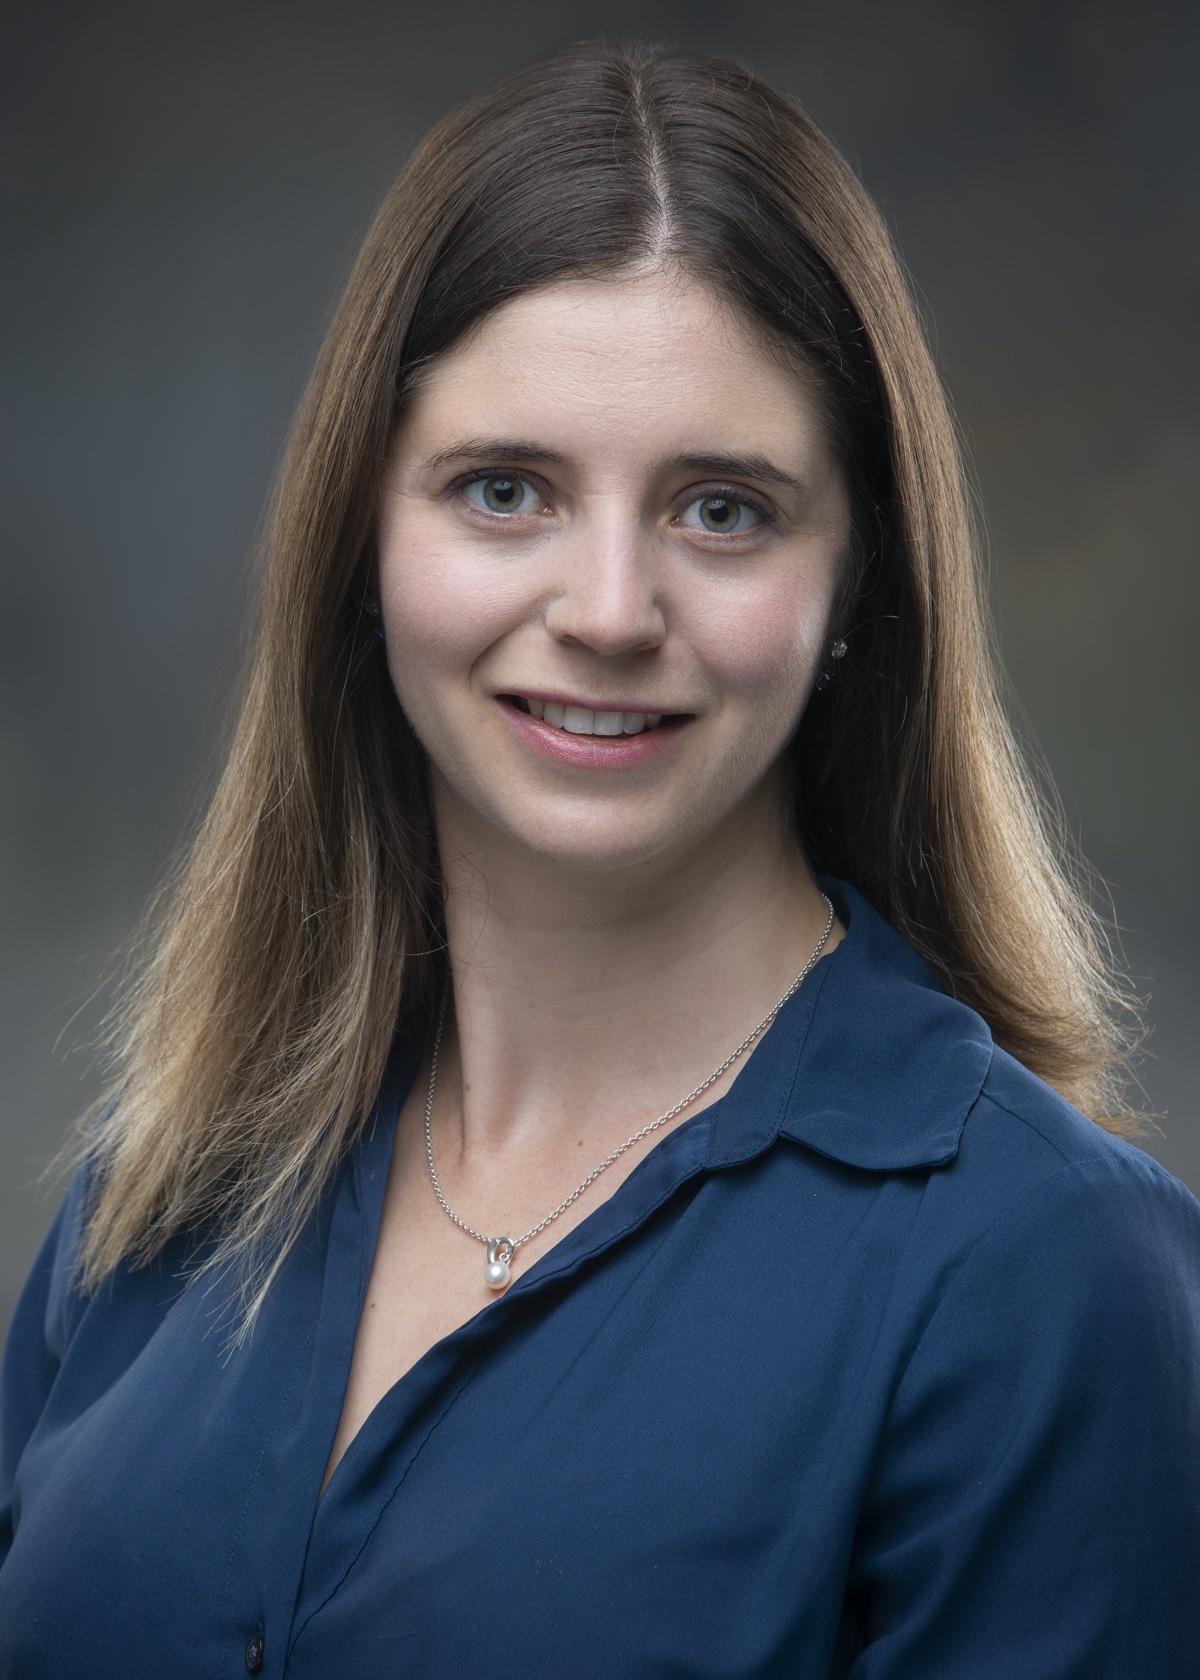 Kylie Meyer, PhD